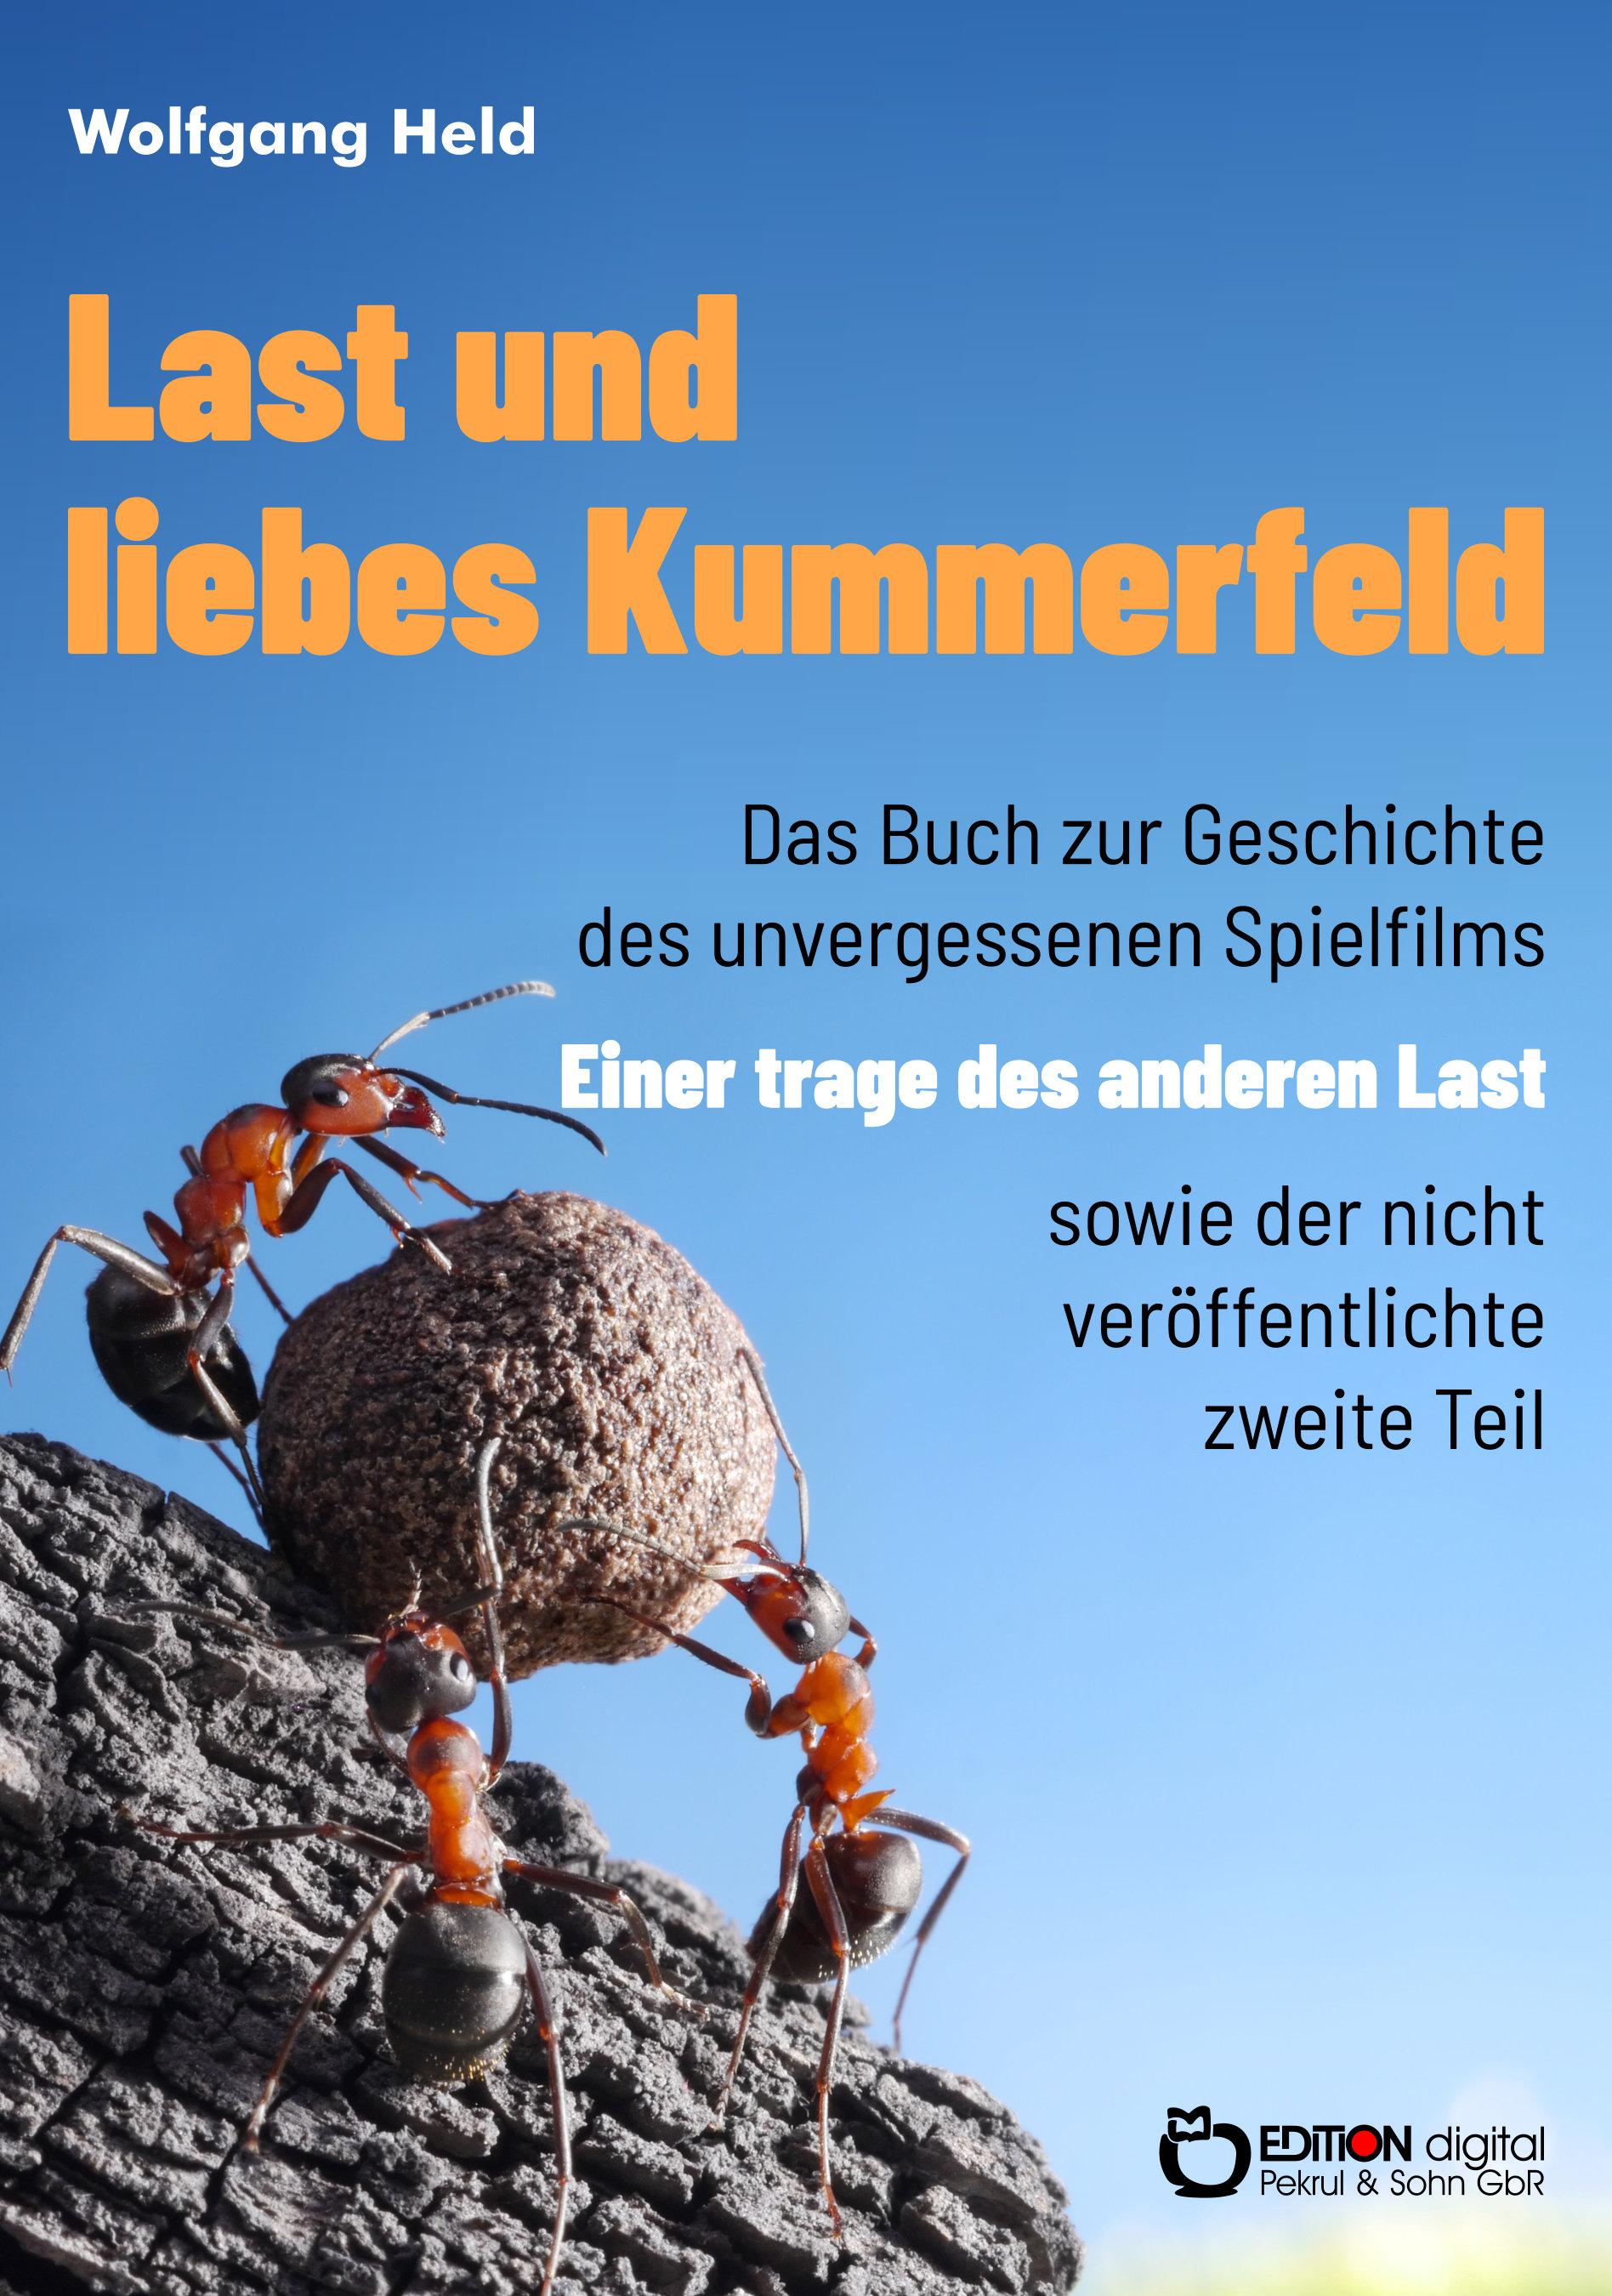 Last und liebes Kummerfeld. Das Buch zur Geschichte eines unvergessenen Spielfilms sowie der nicht veröffentlichte zweite Teil von Wolfgang Held